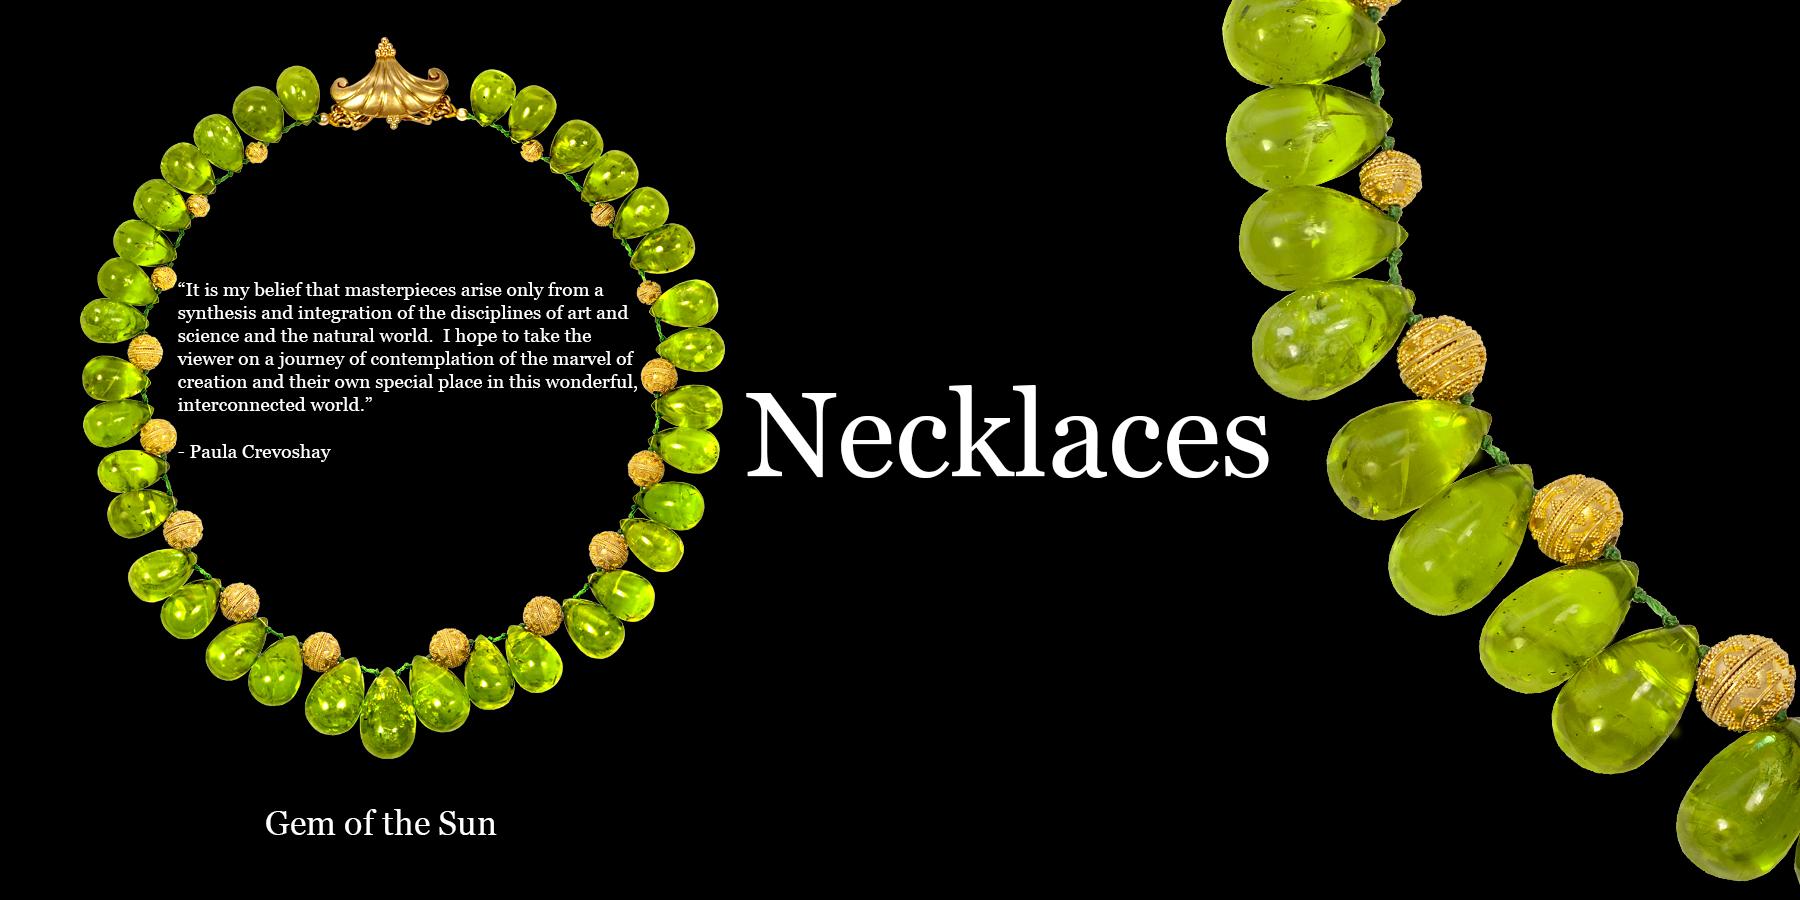 Crevoshay Necklaces